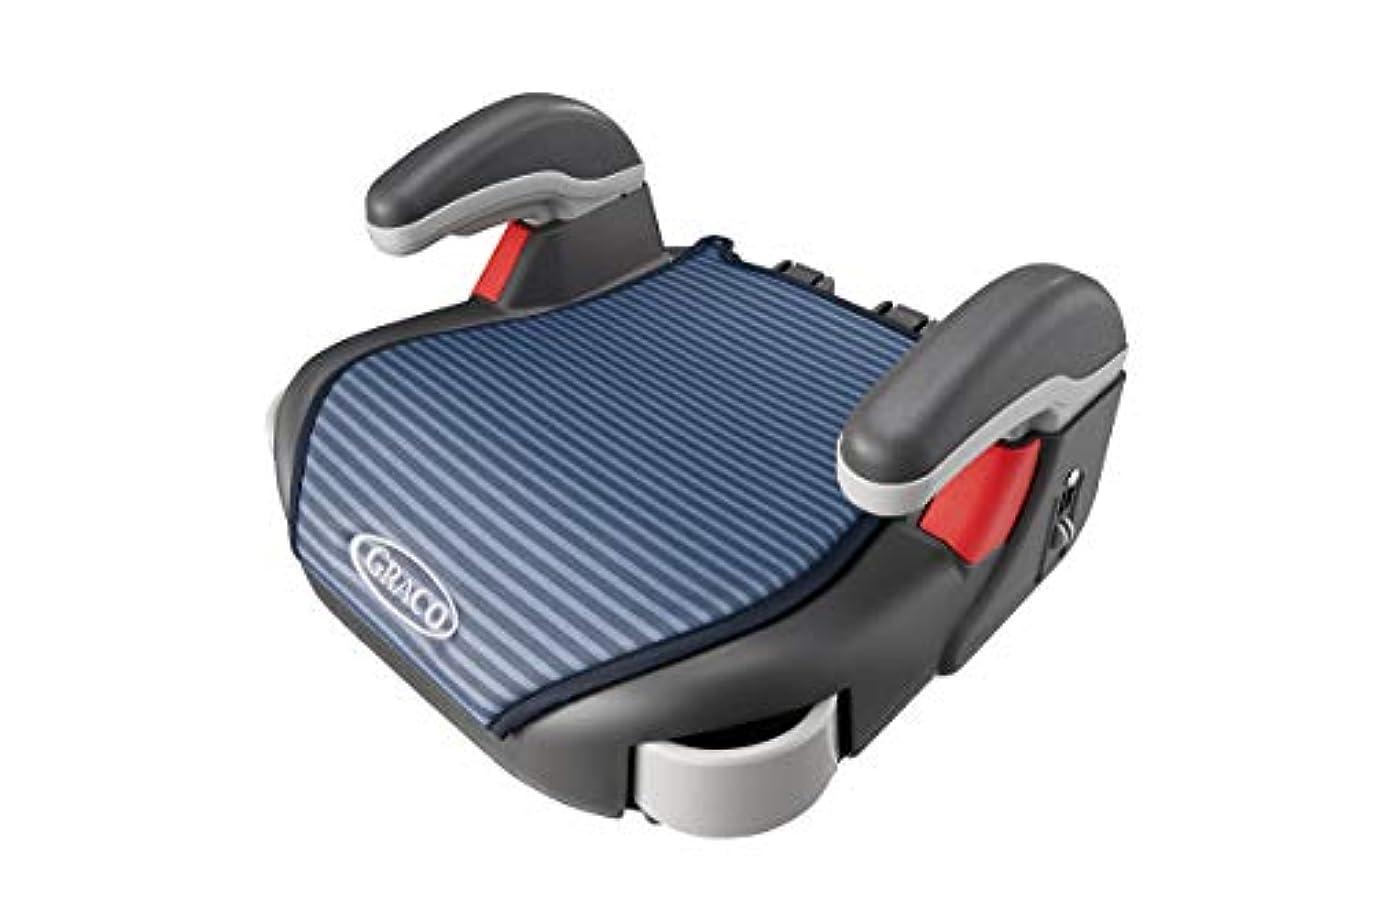 構造的先生ショートカットグレコ シートベルト固定 ロングユース コンパクトジュニア Compact Junior インディゴシャドウ(NV) ネイビー 3歳~ (1年保証) 2094597